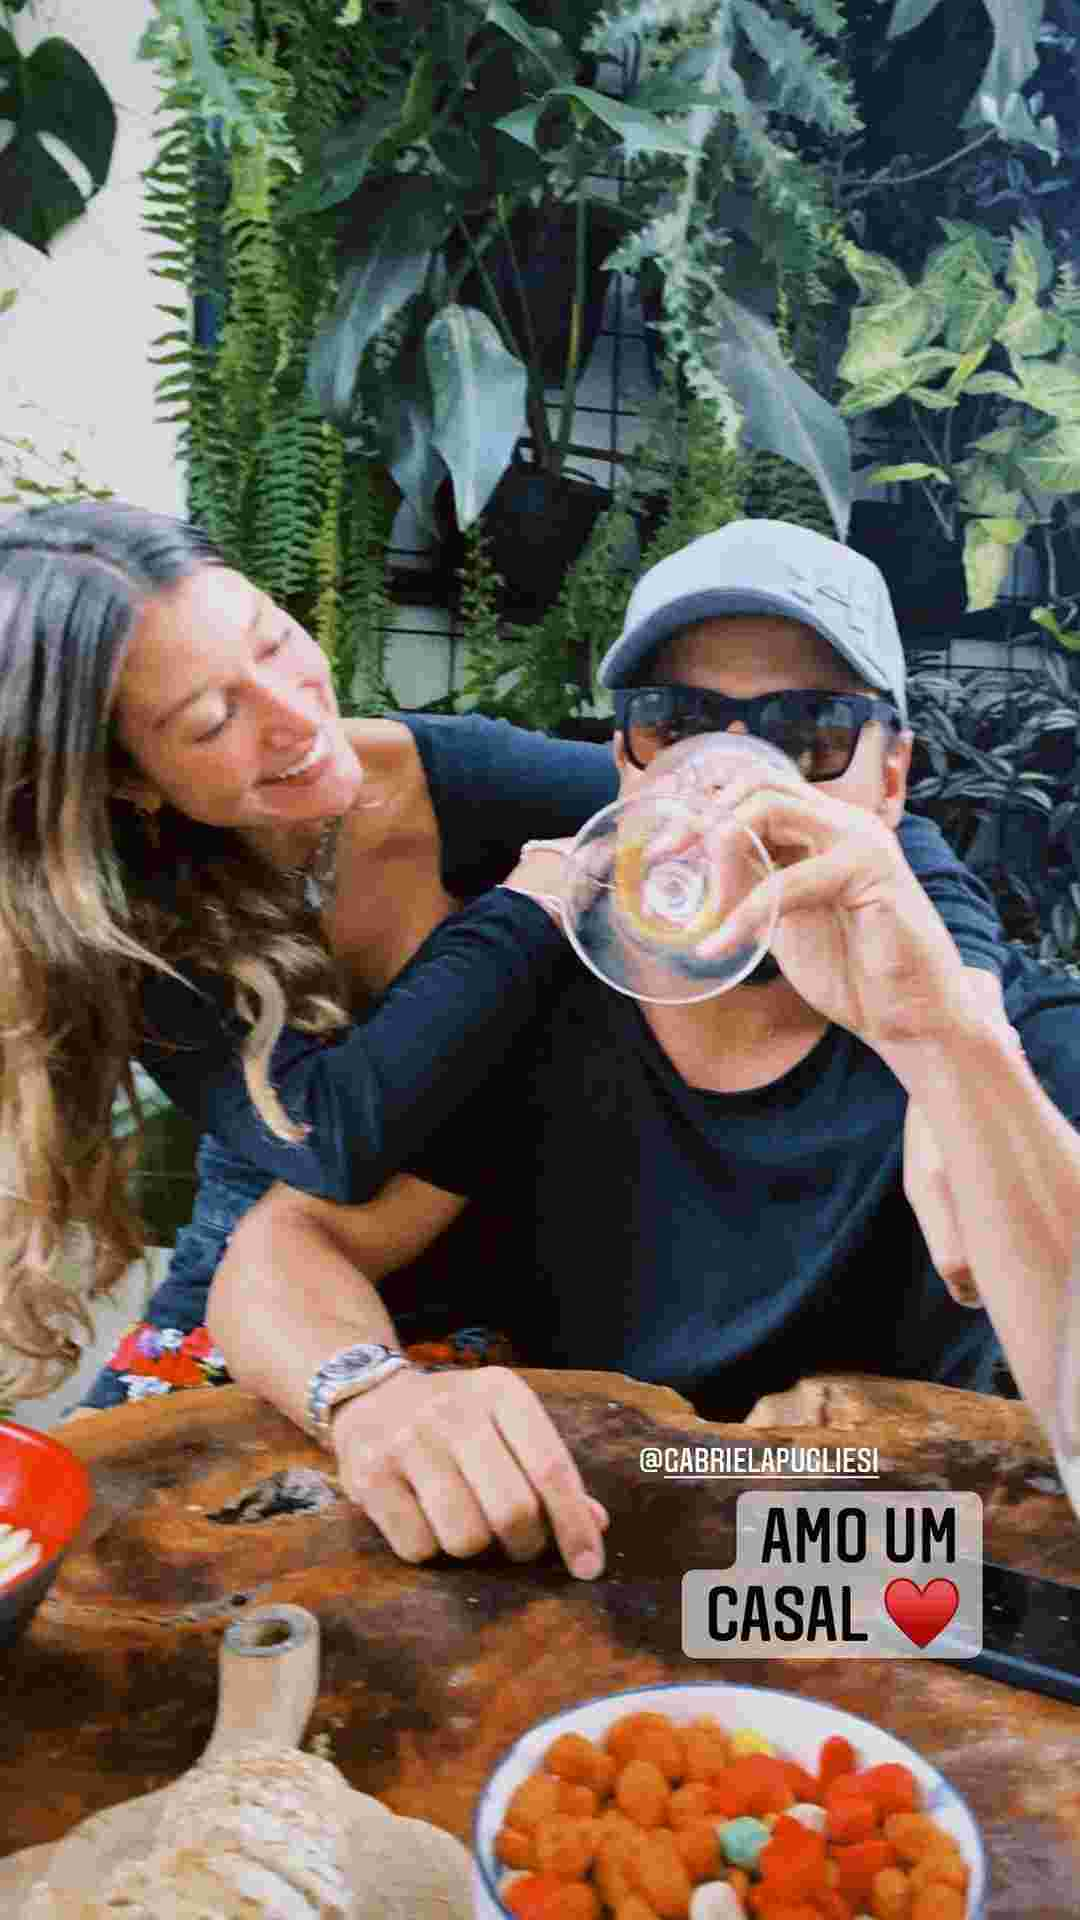 Thais Braz e Gabriela Pugliesi posam juntas curtindo almoço de domingo (Foto: Reprodução/Instagram)